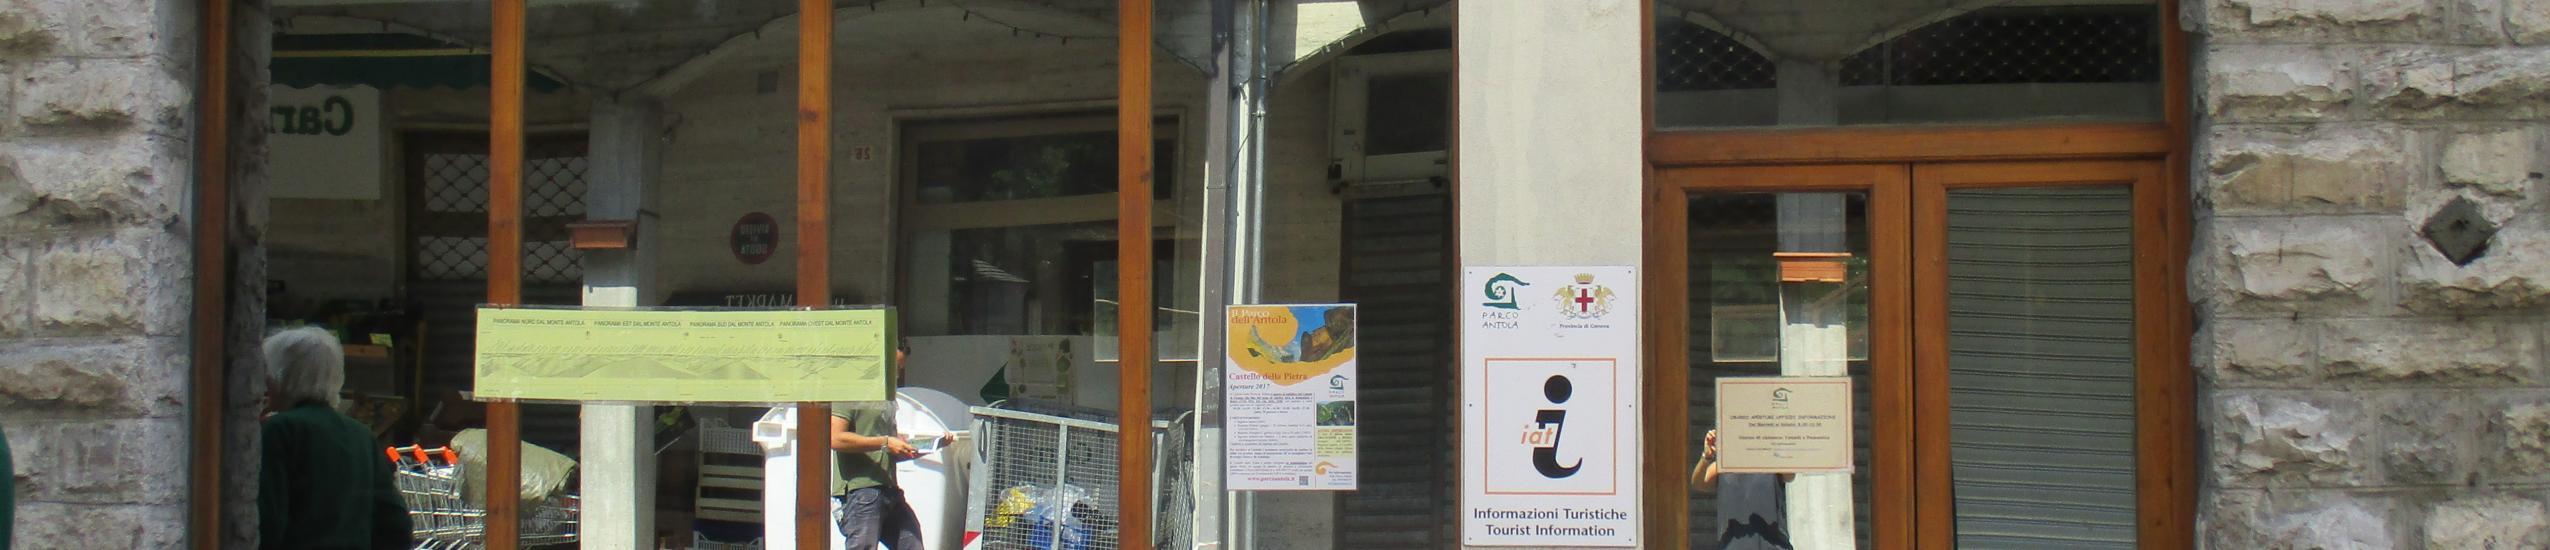 Sede scientifica Parco Regionale dell' Antola (0)